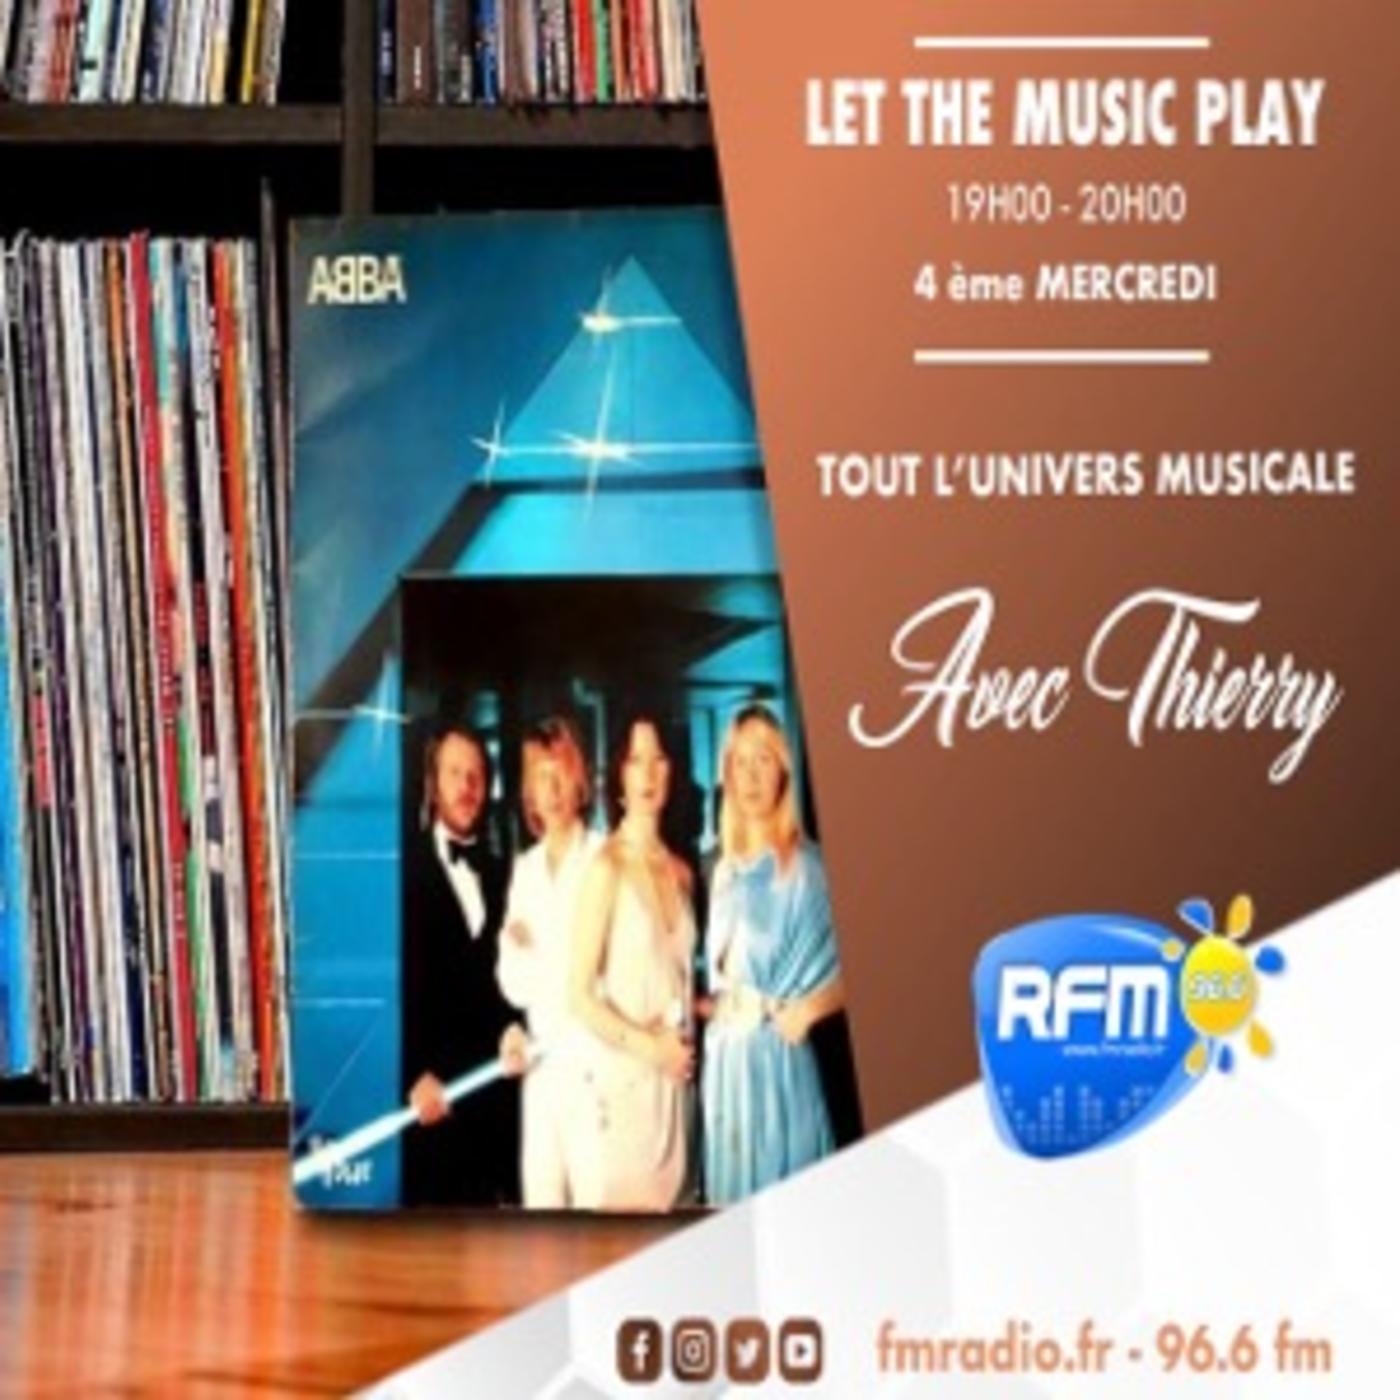 Let the music play - Spécial Balavoine